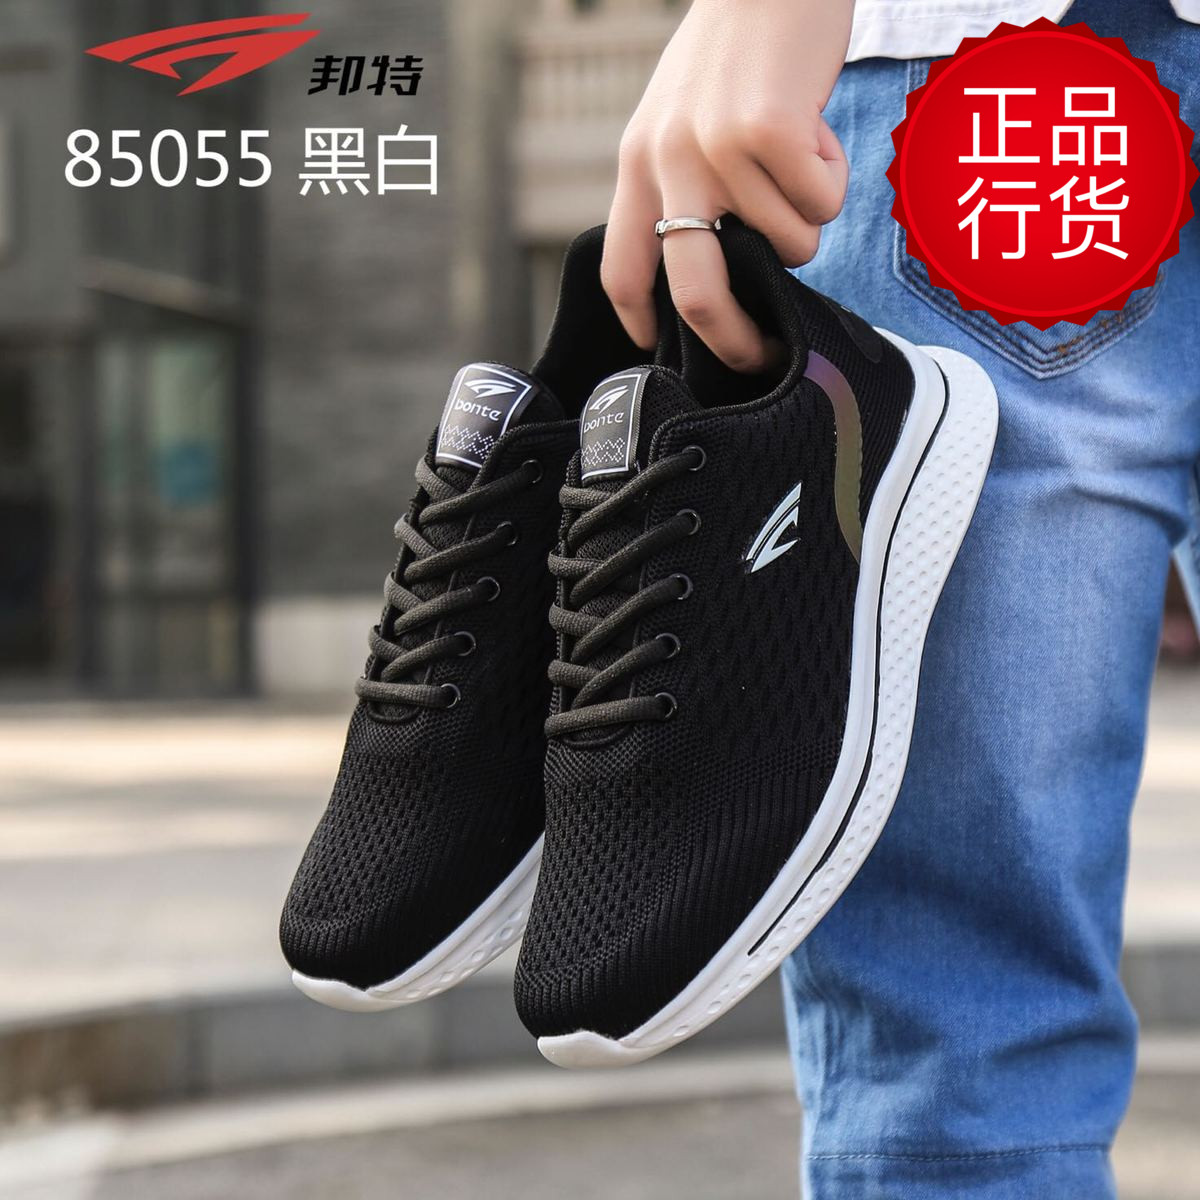 邦特2020新款男式夏季飞织纯白运动鞋透气舒适轻便休闲跑步鞋男